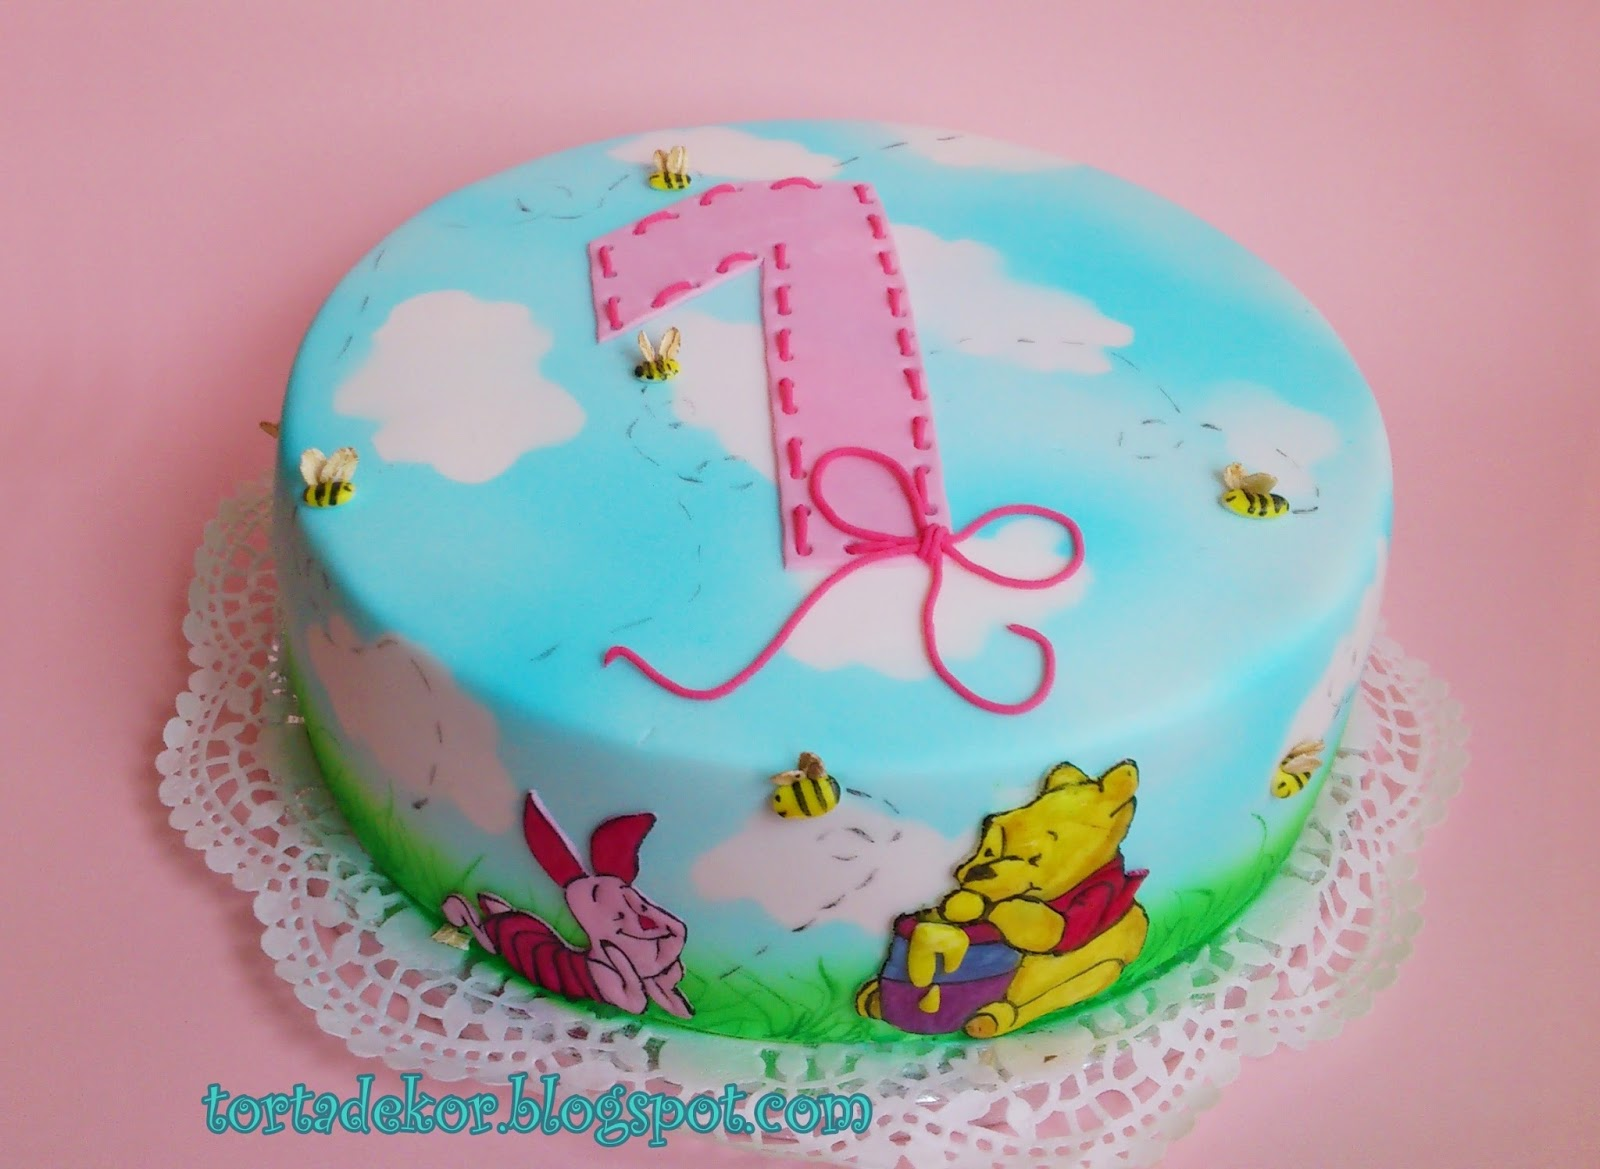 1 éves babának szülinapi torta Torták és más finomságok: Micimackós torta első szülinapra 1 éves babának szülinapi torta